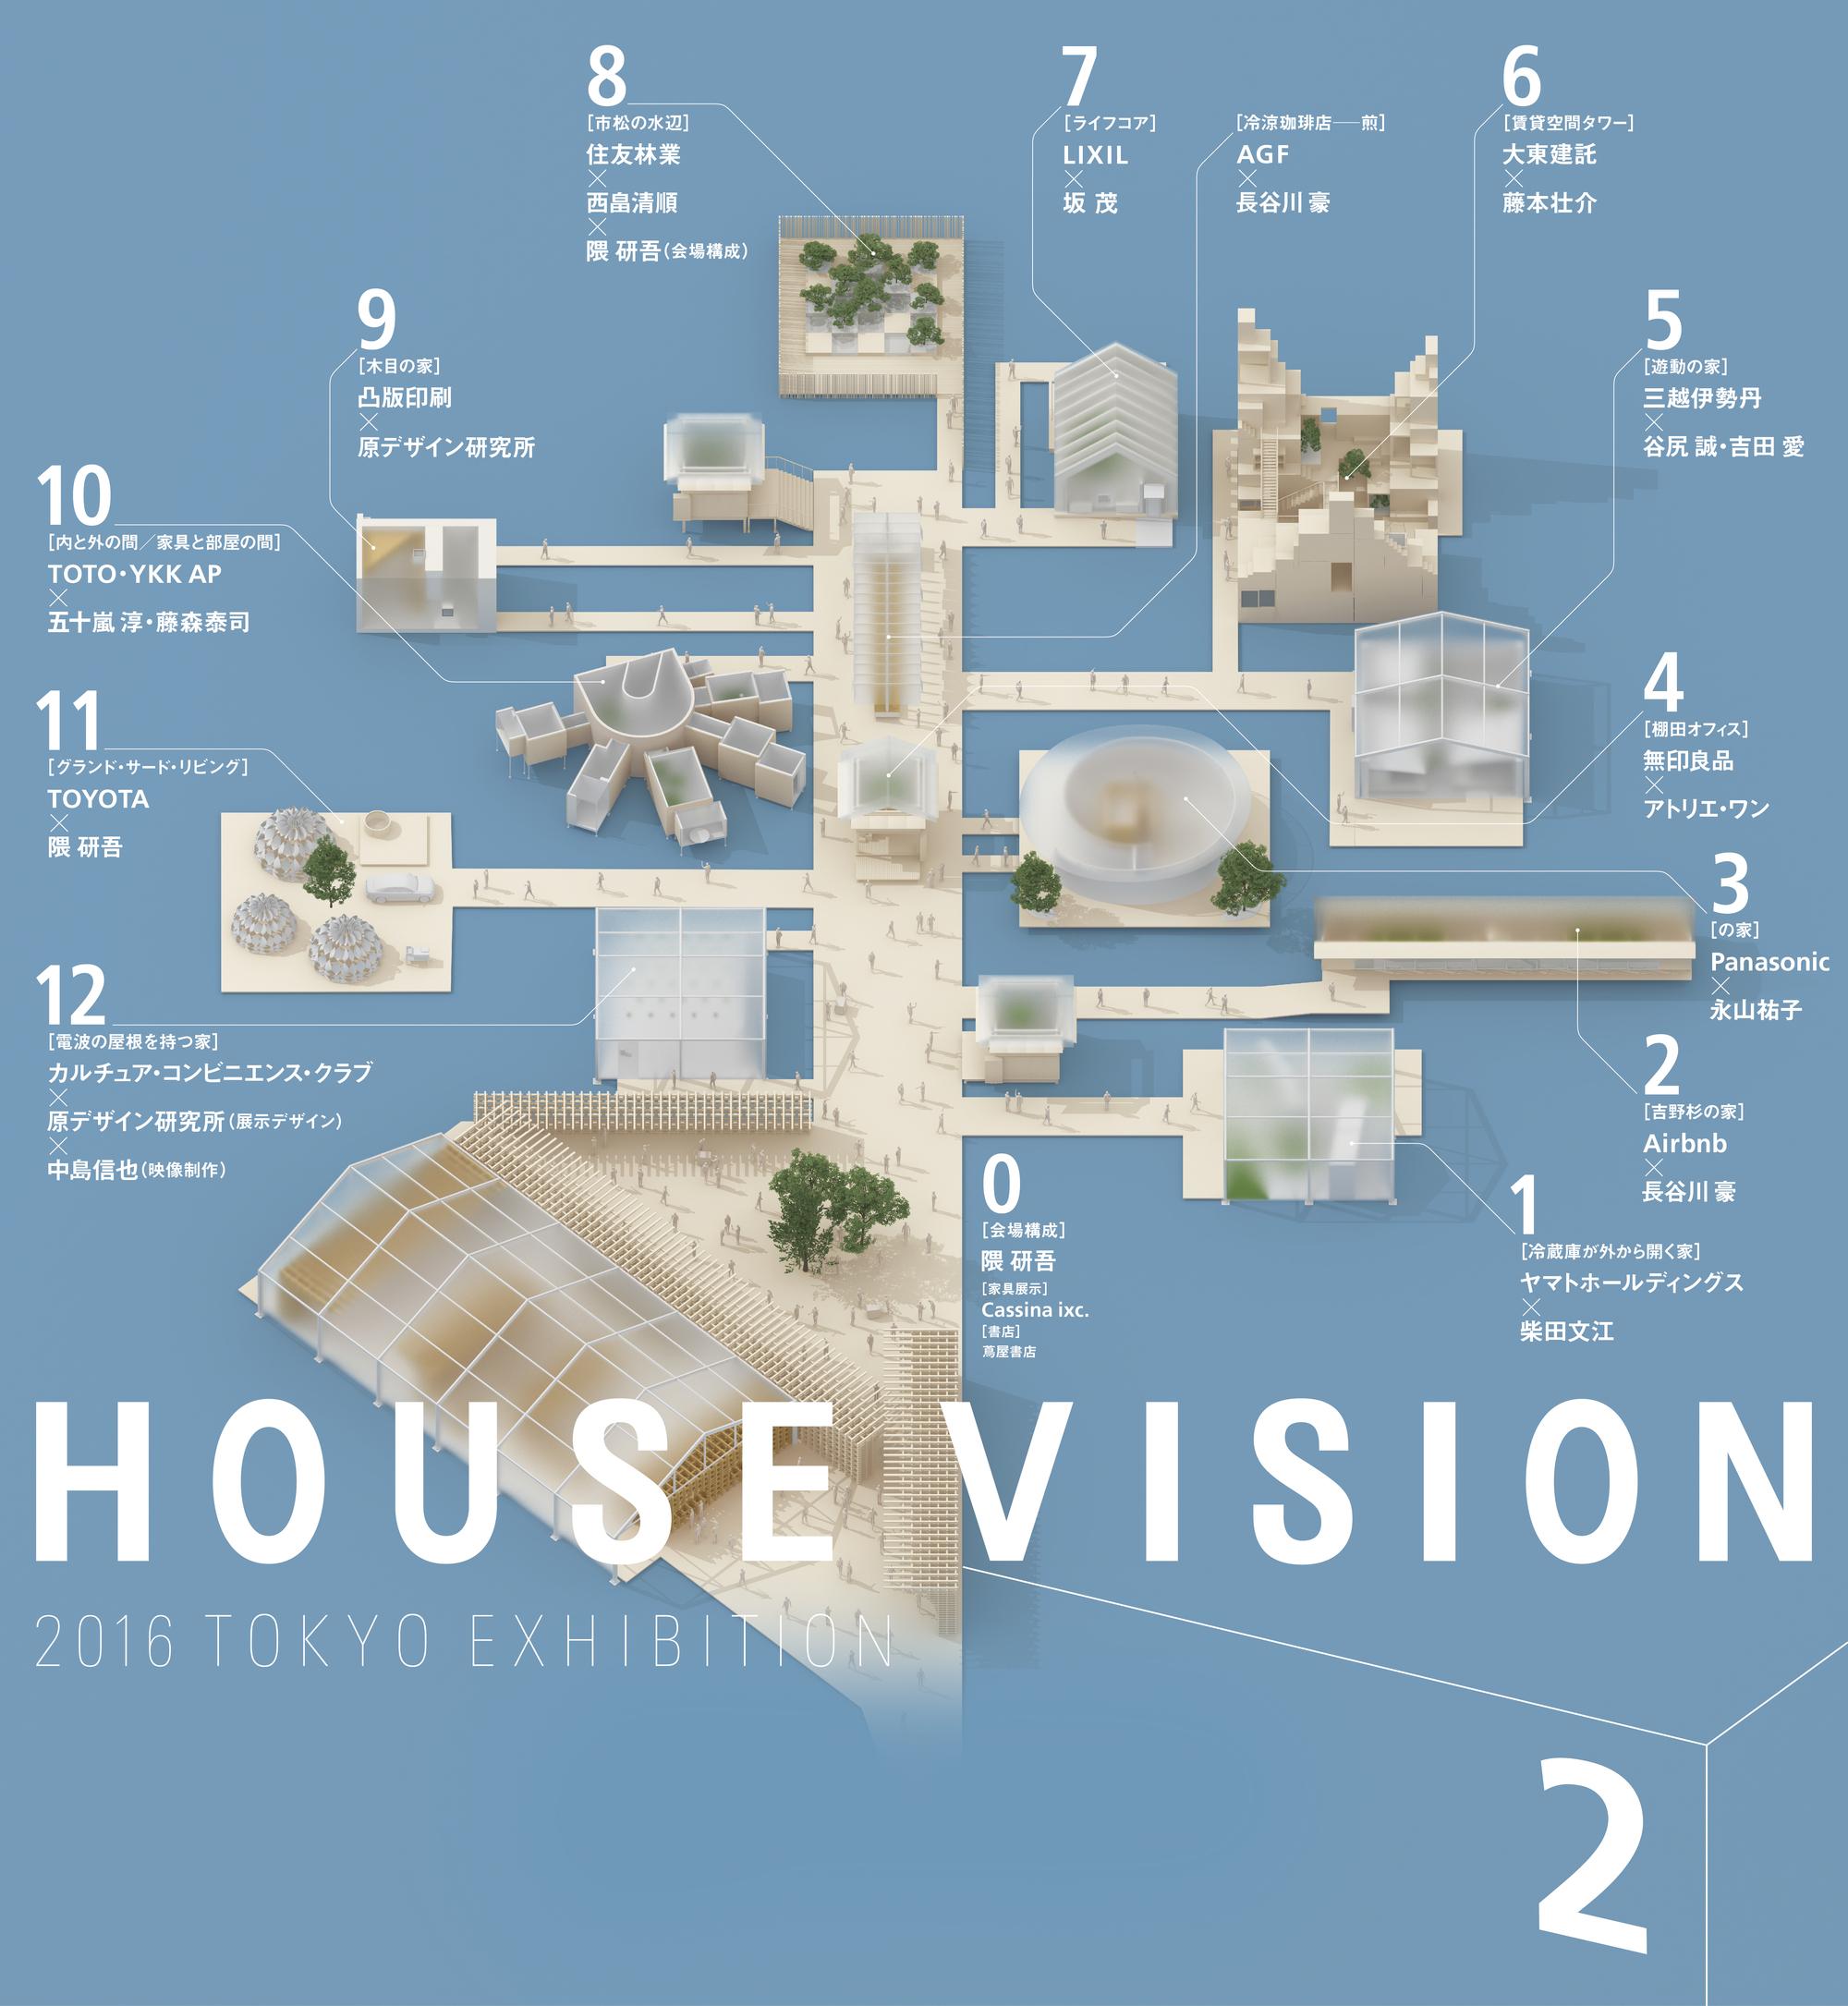 Выставка House Vision